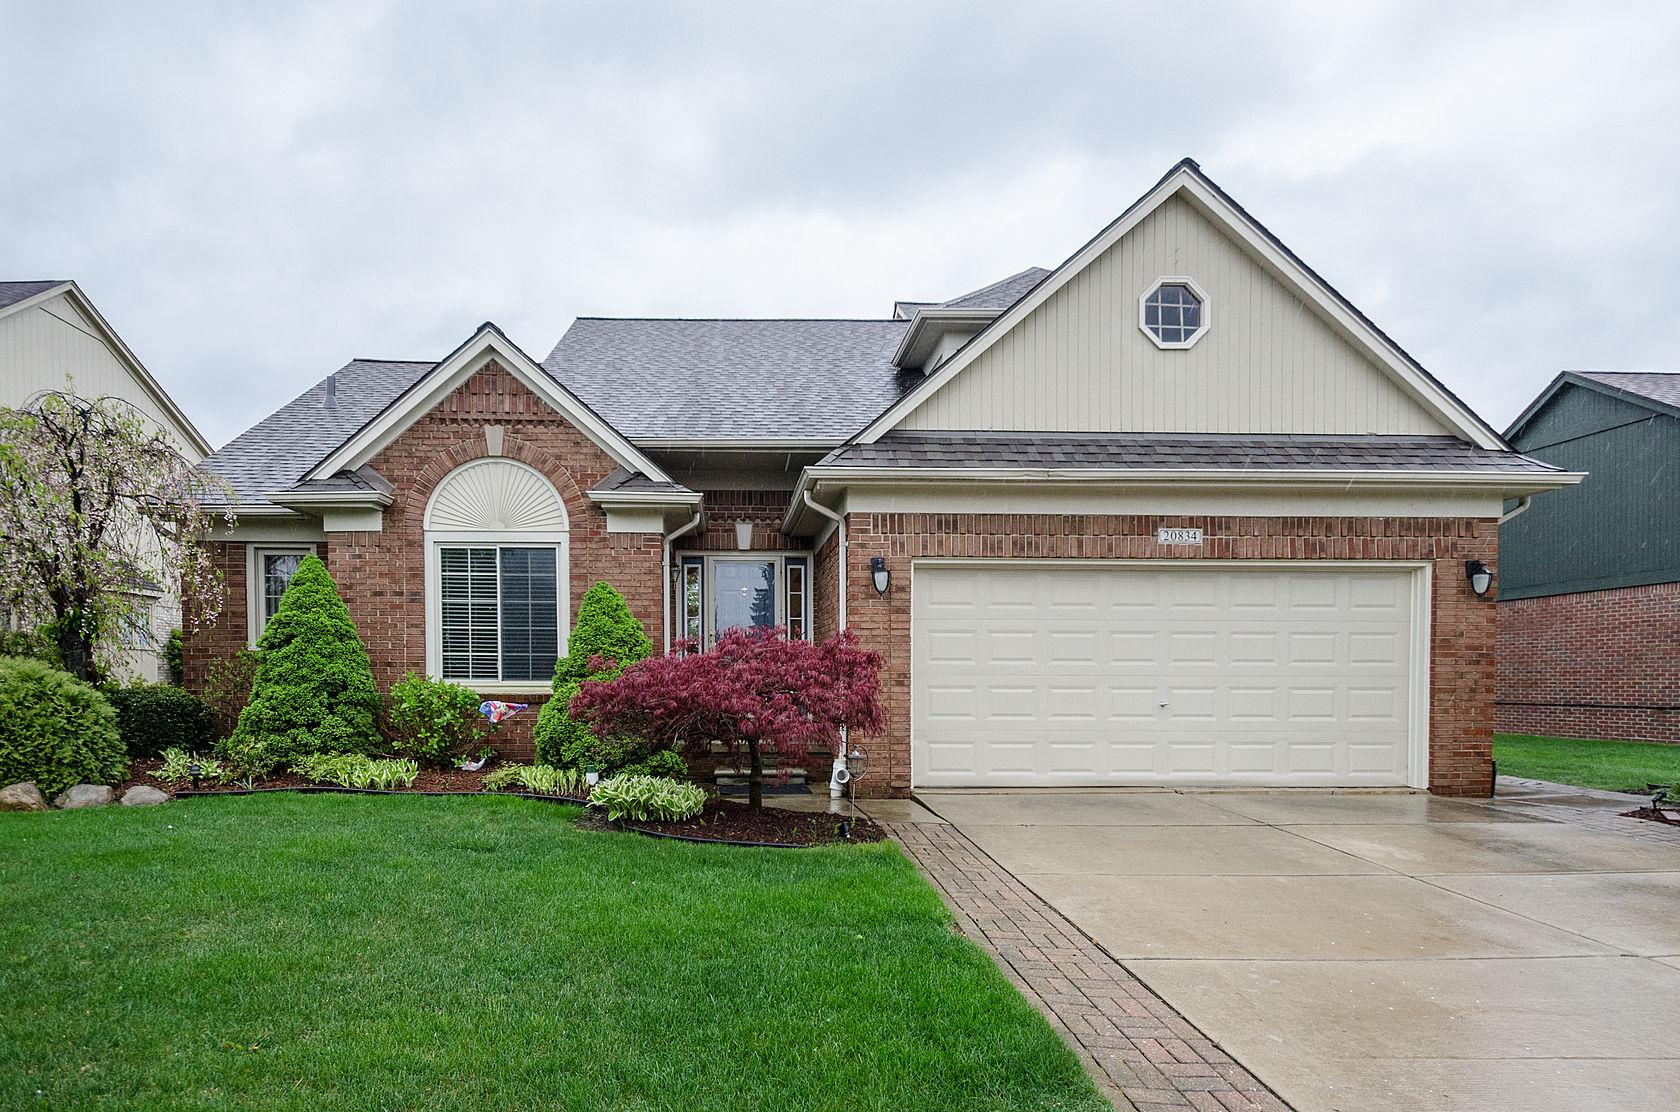 Nhà ở một gia đình vì Bán tại Macomb Township 20834 Summerfield Drive Macomb Township, Michigan, 48044 Hoa Kỳ